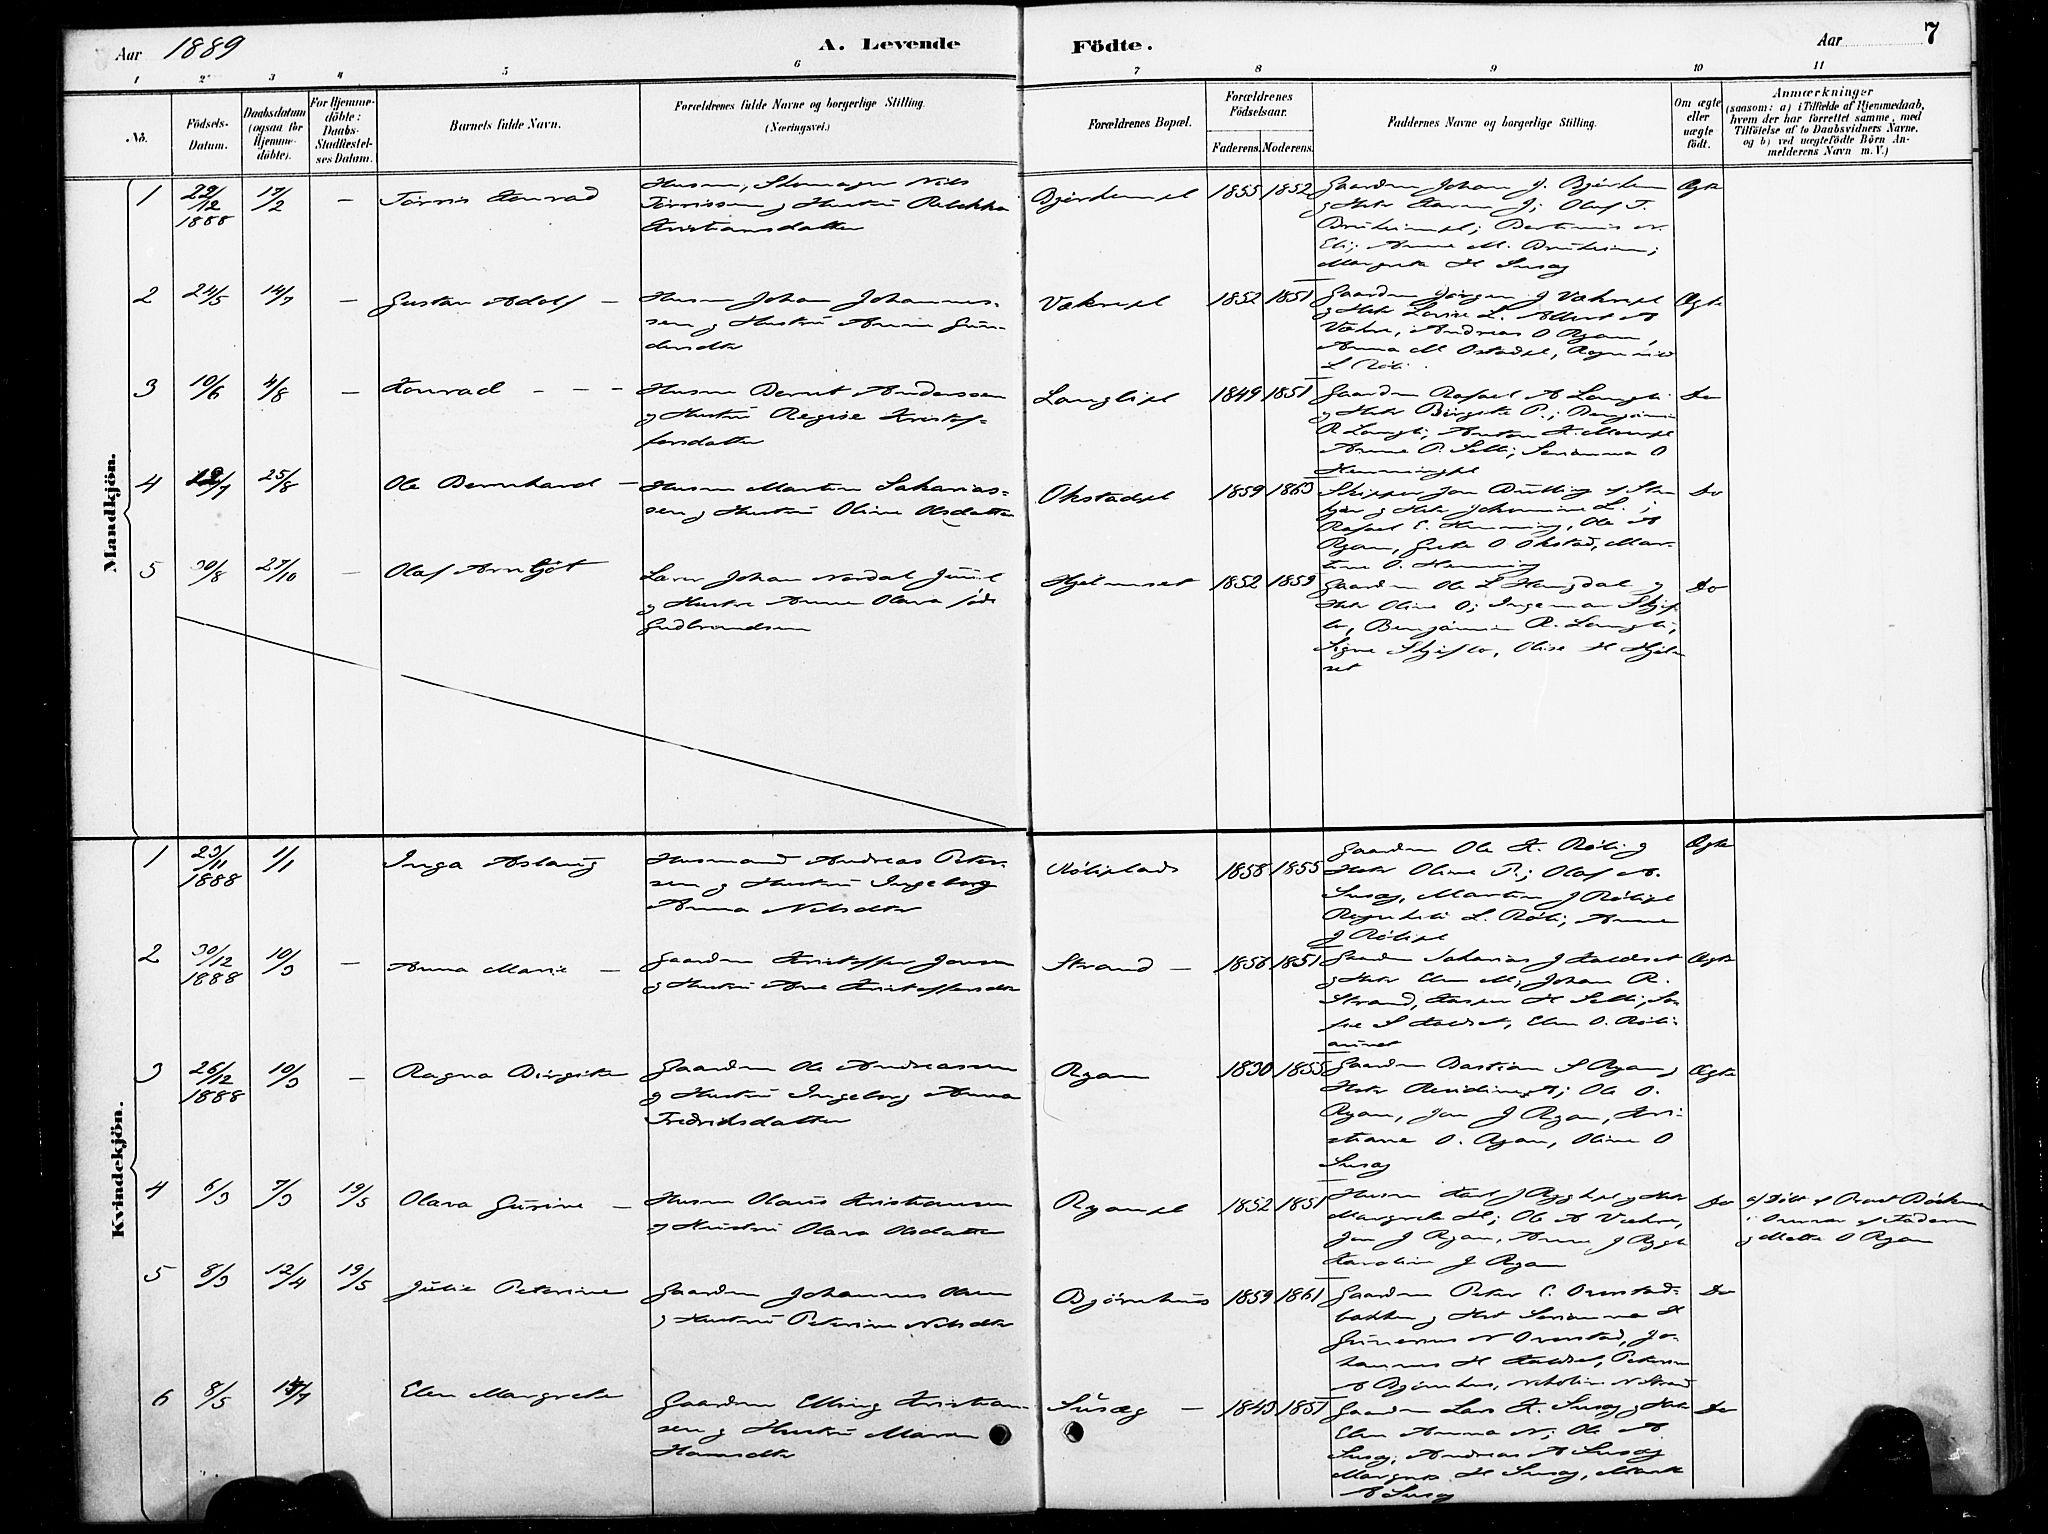 SAT, Ministerialprotokoller, klokkerbøker og fødselsregistre - Nord-Trøndelag, 738/L0364: Ministerialbok nr. 738A01, 1884-1902, s. 7